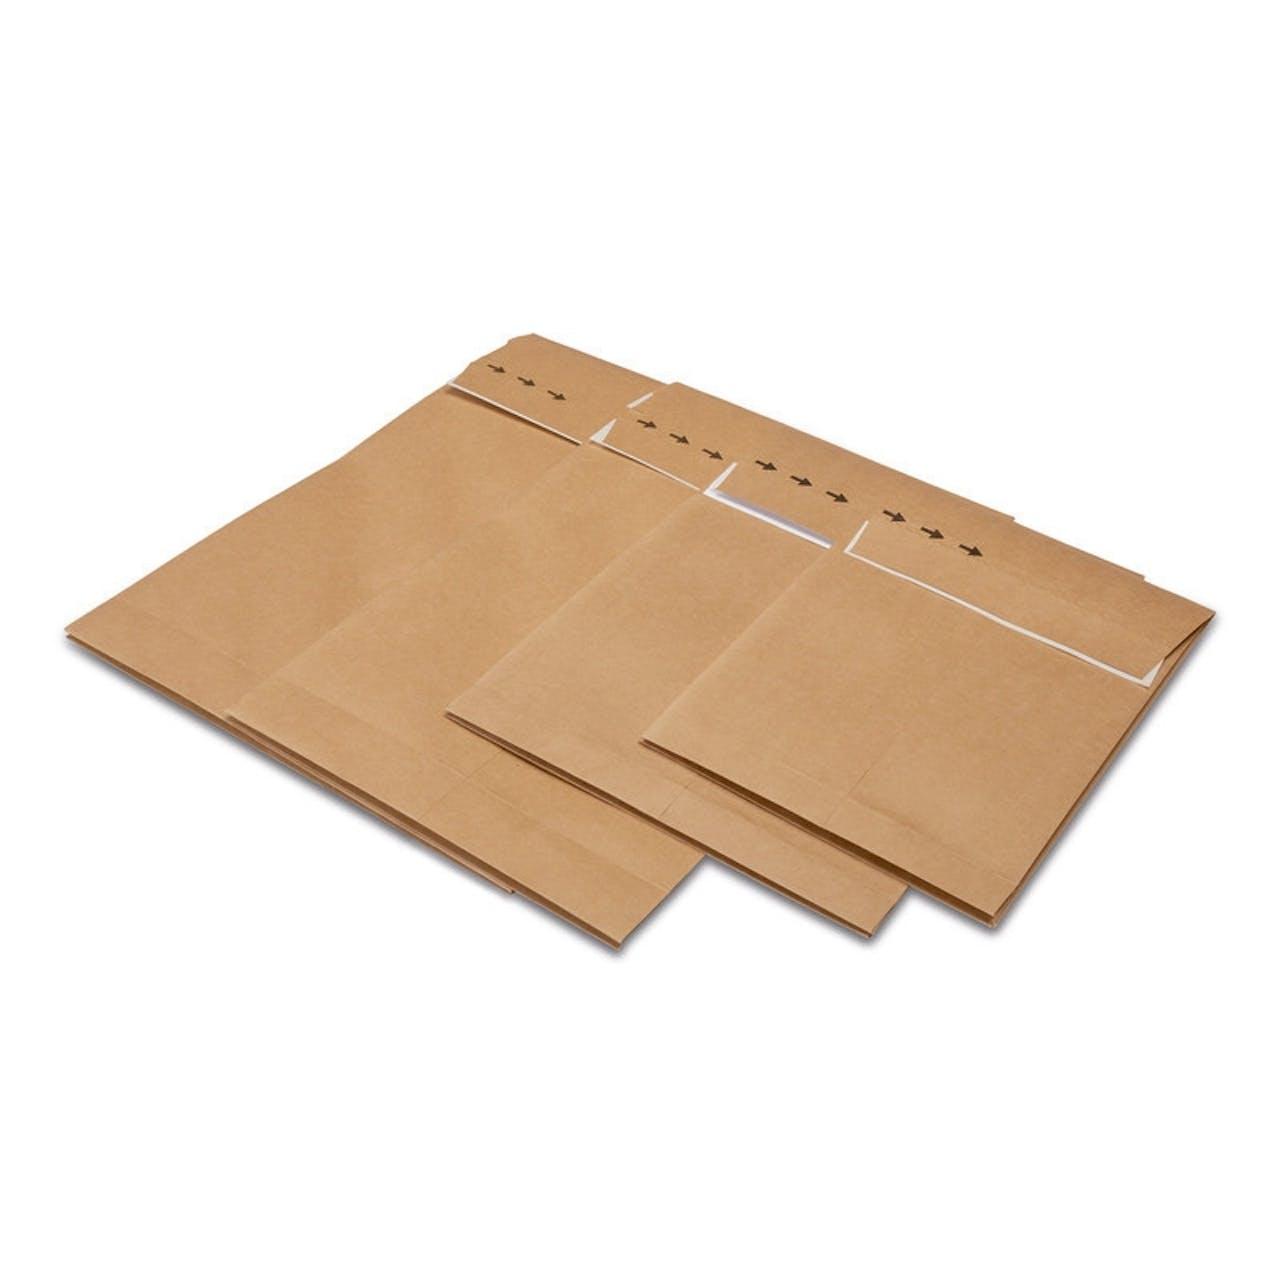 Faltentasche Papier, mit Aufreißfaden und 2-fach Selbstklebung